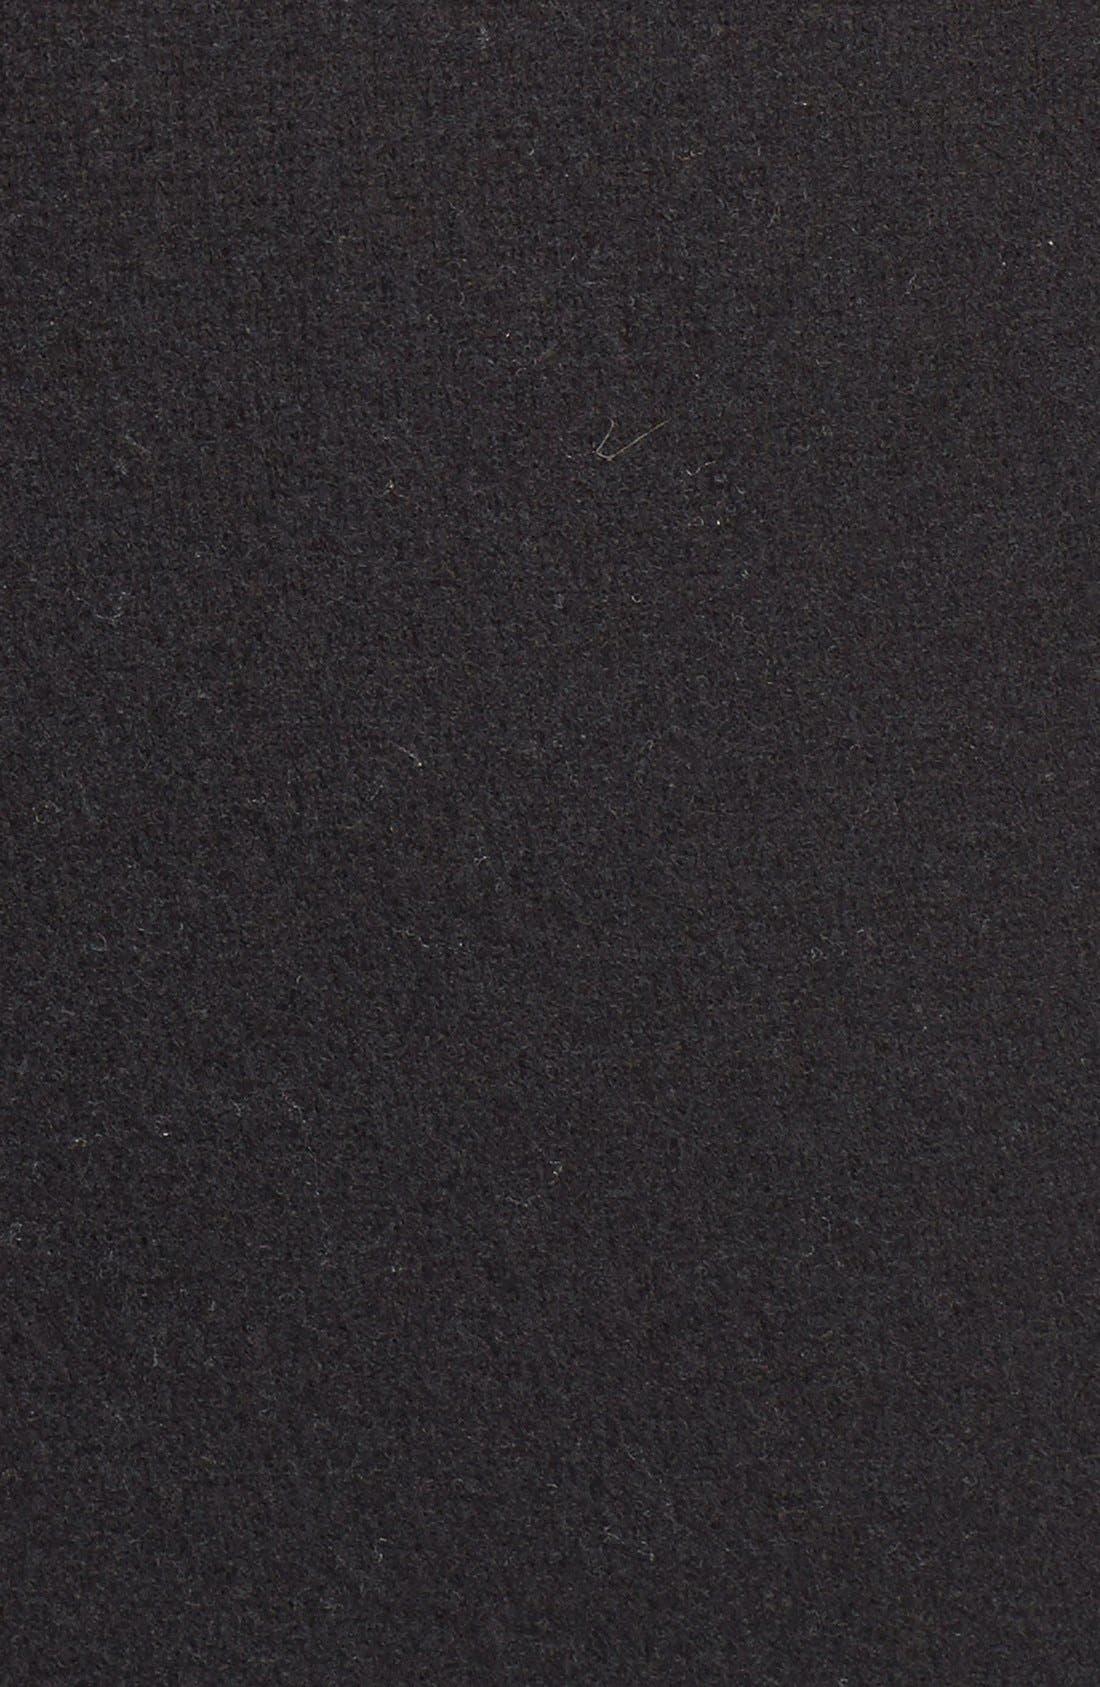 'Best Boyfriend' Brushed Hacci Lounge Pants,                             Alternate thumbnail 8, color,                             001